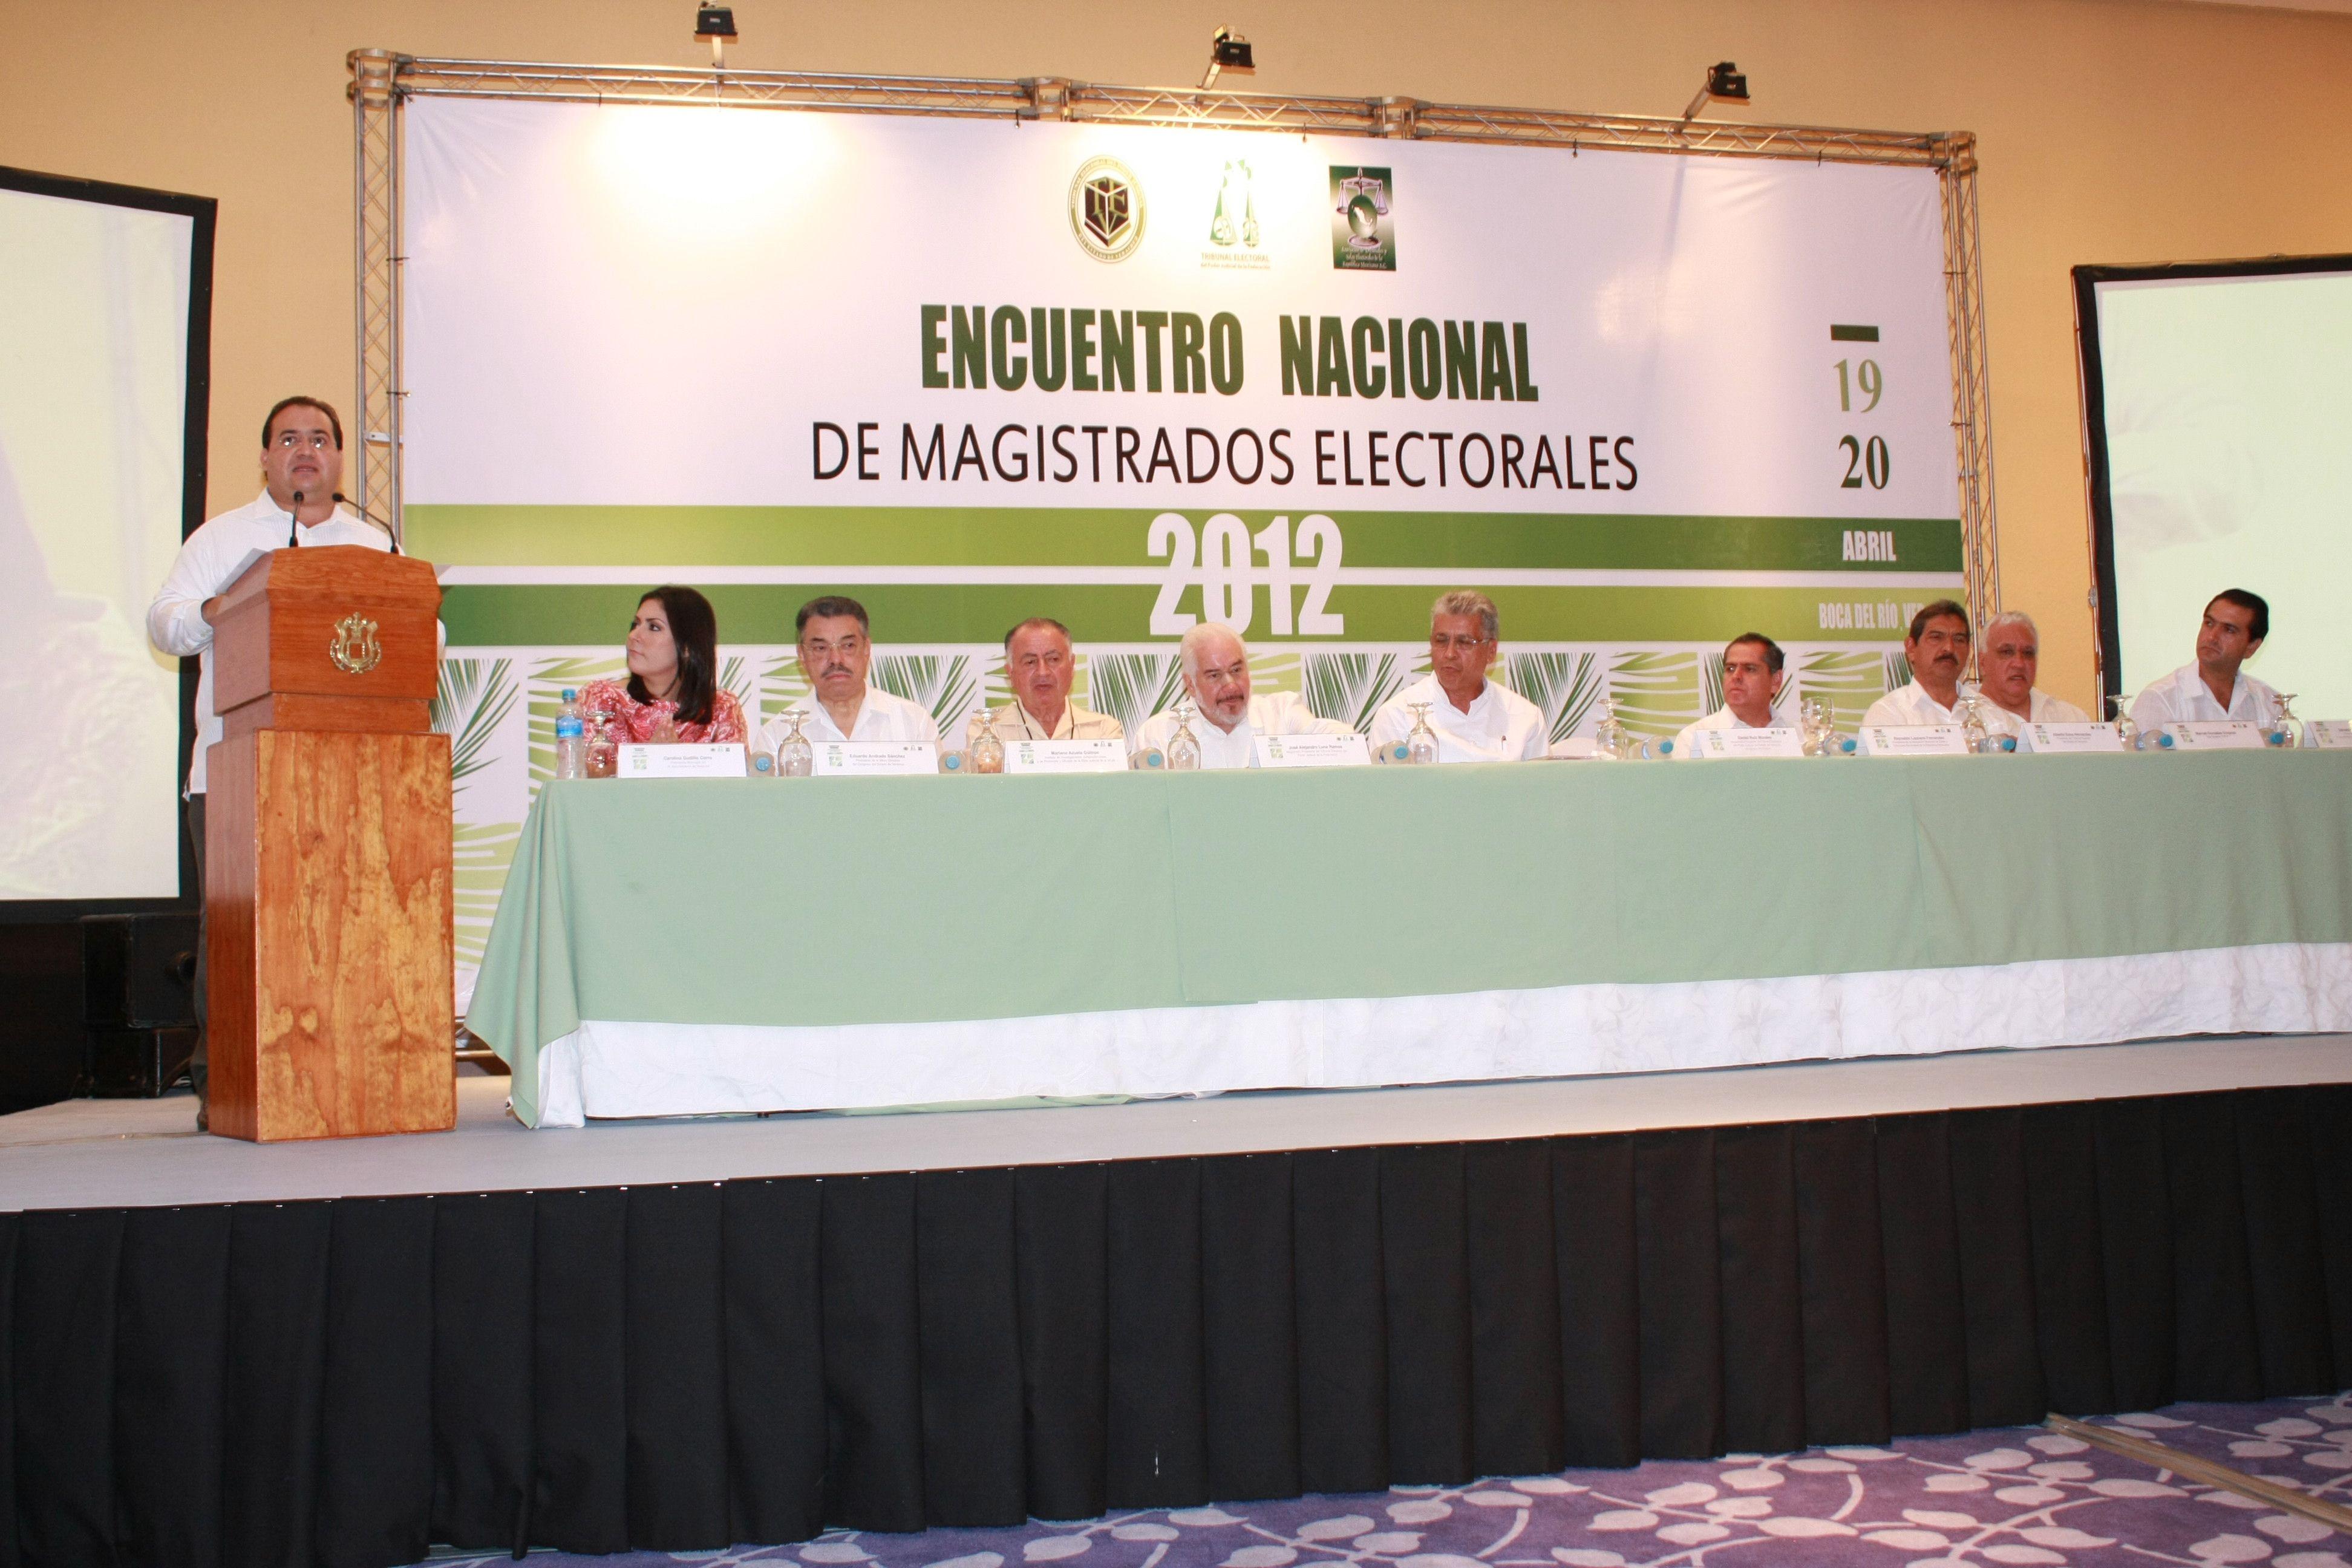 El Gobernador de Veracruz, Javier Duarte de Ochoa, asistió a la Inauguración del Tercer Encuentro Nacional de Magistrados Electorales, el 19 de abril de 2012, donde aseguró que esta es una reunión de intercambio, reflexión y diálogo, pero sobre todo de compromiso.